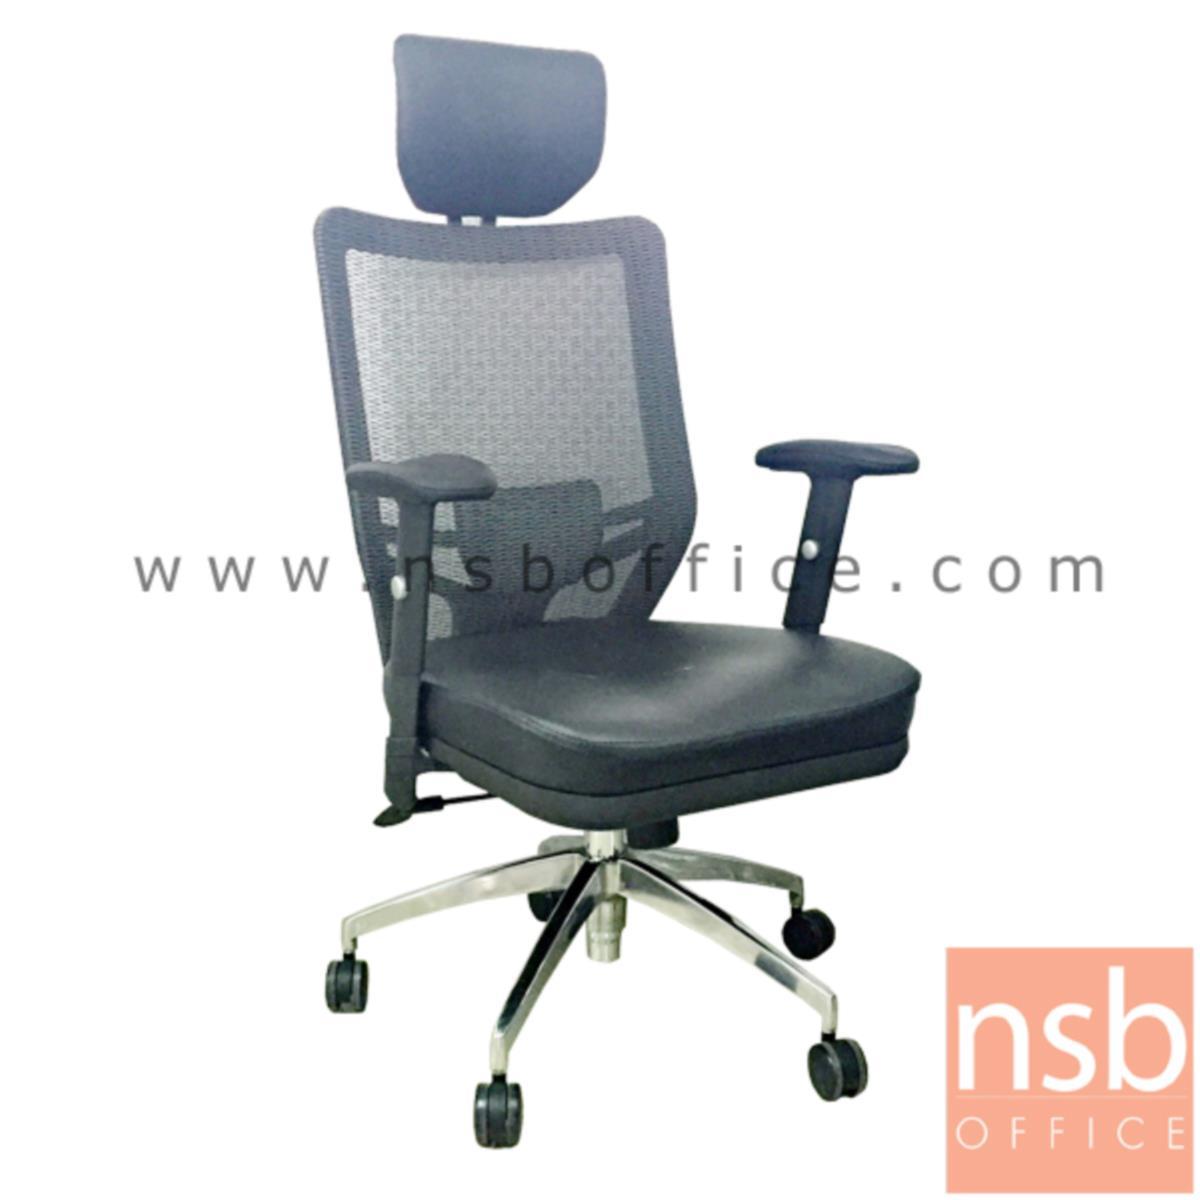 B24A091:เก้าอี้ผู้บริหารหลังเน็ต รุ่น Mentos  โช๊คแก๊ส มีก้อนโยก ขาเหล็กชุบโครเมี่ยม